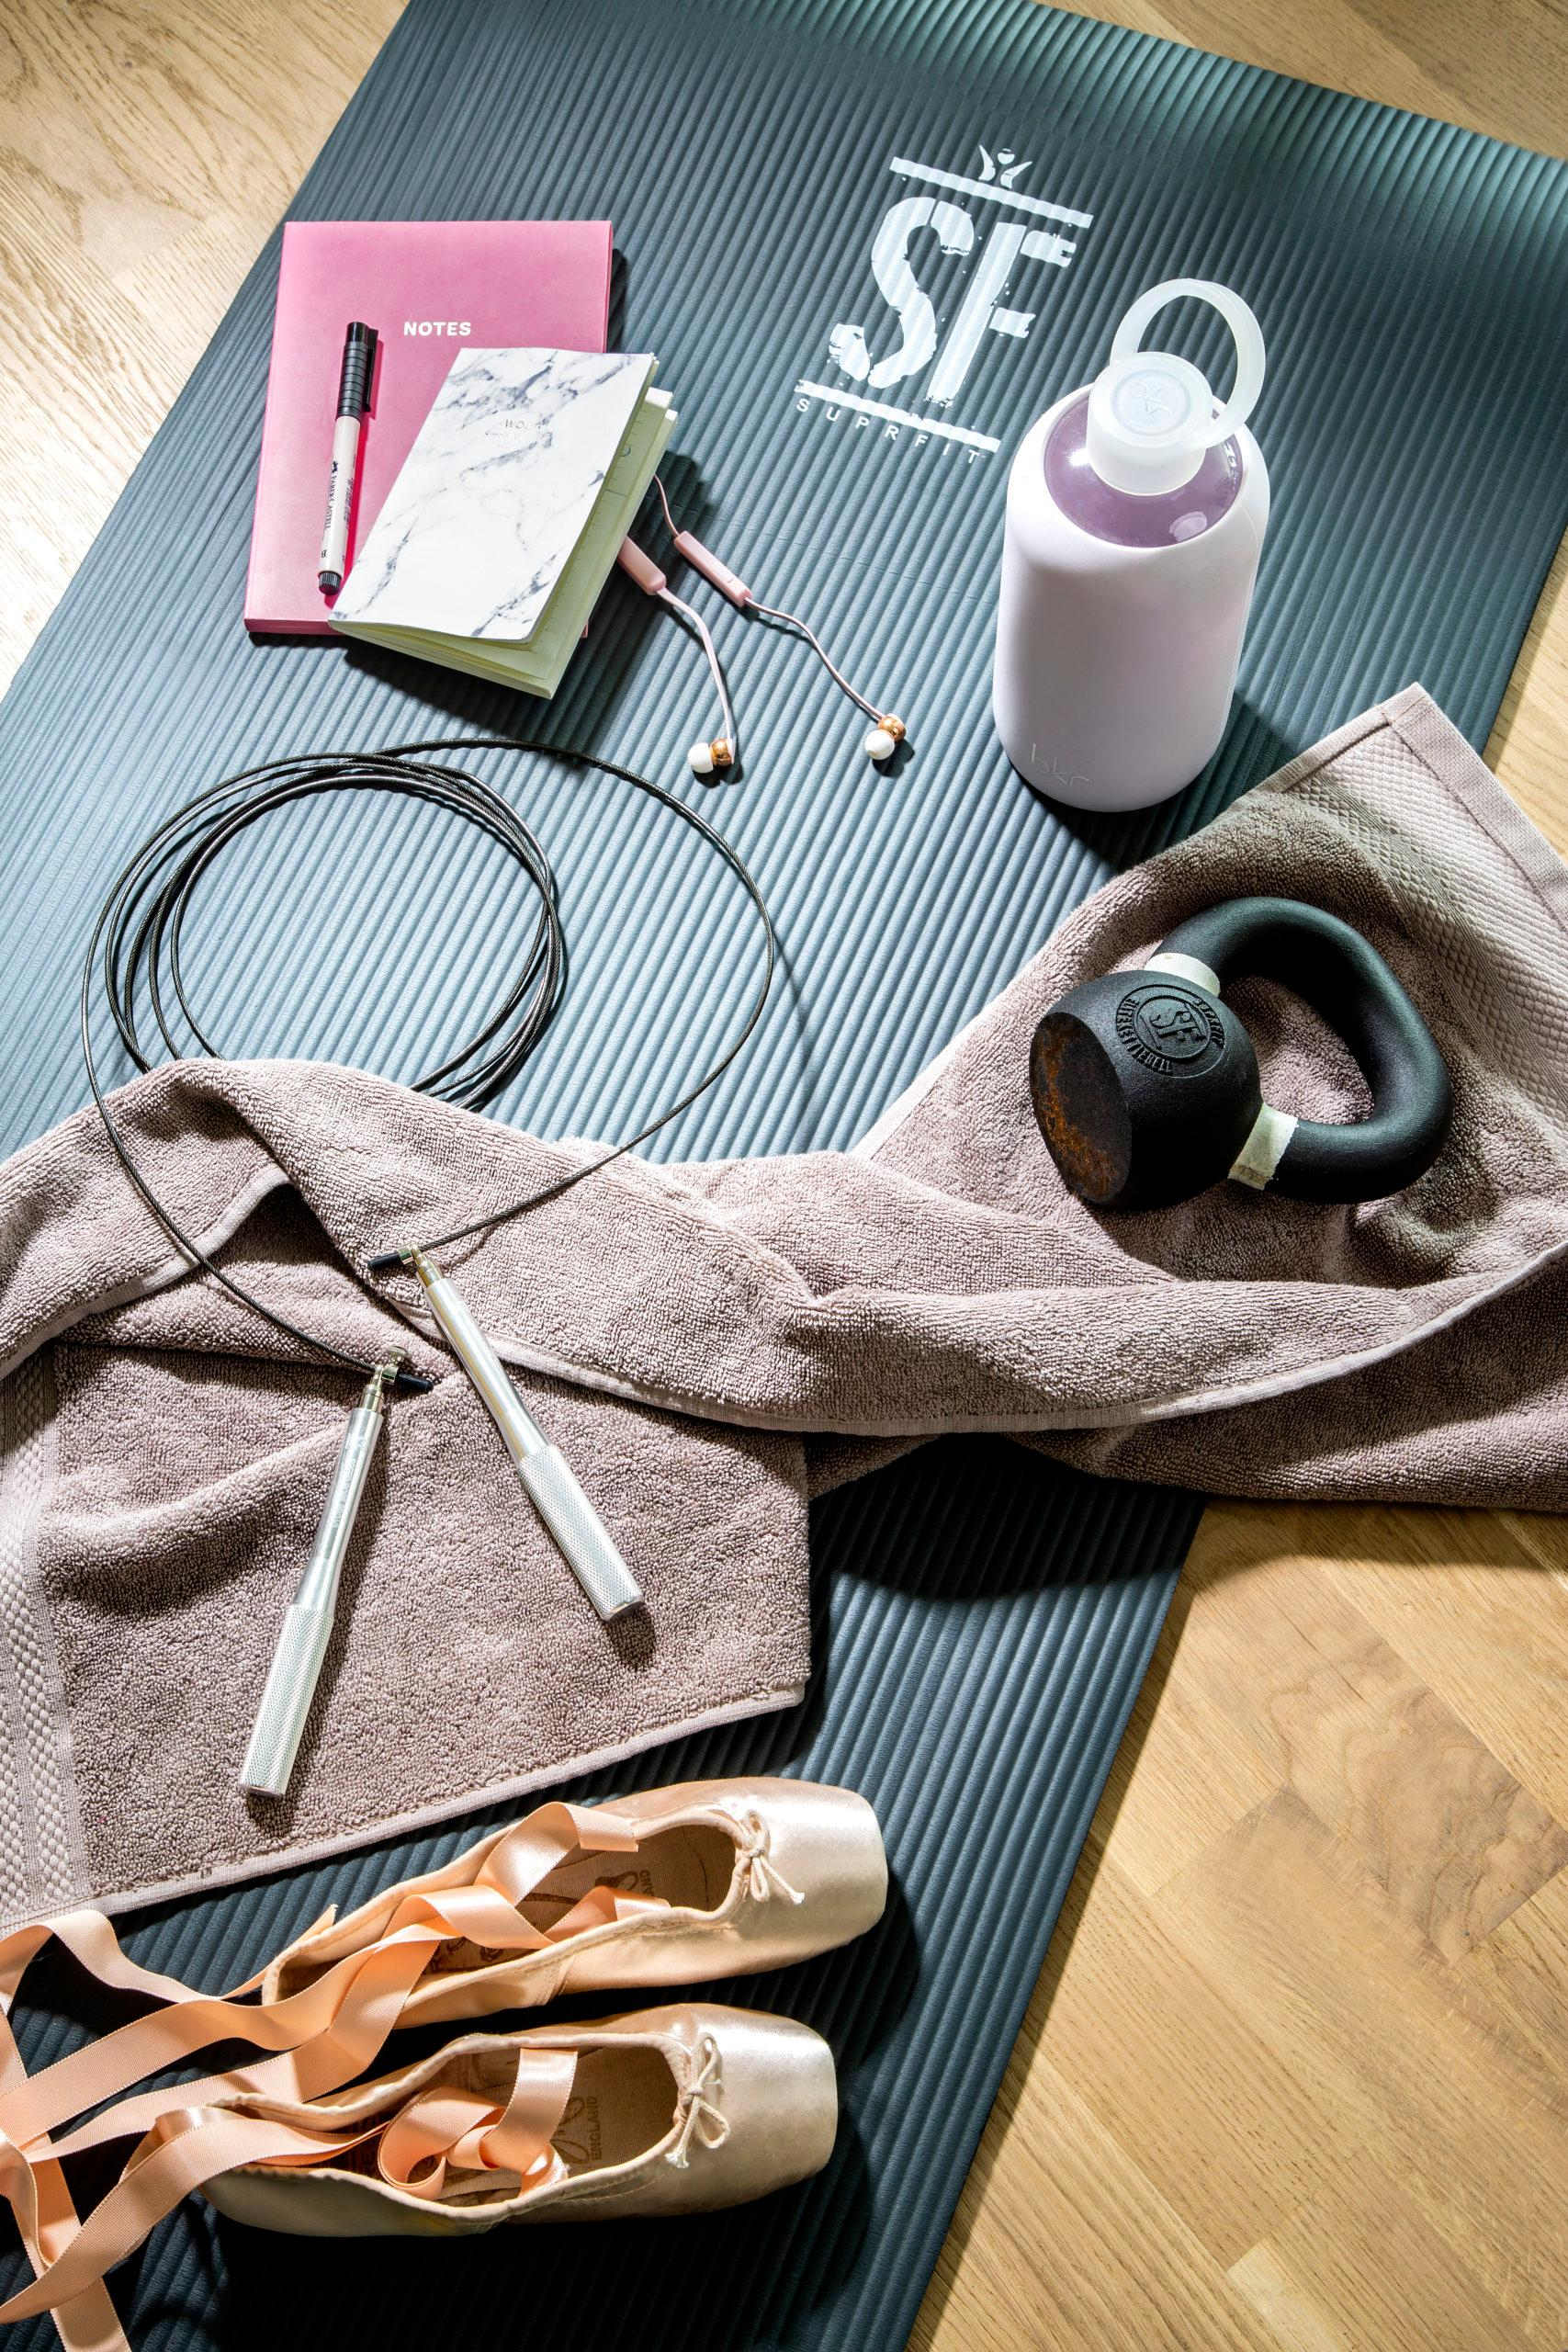 tapis d'exercices avec une corde a sauter, une paire de ballerines, un poids, des ecouteurs et une gourde